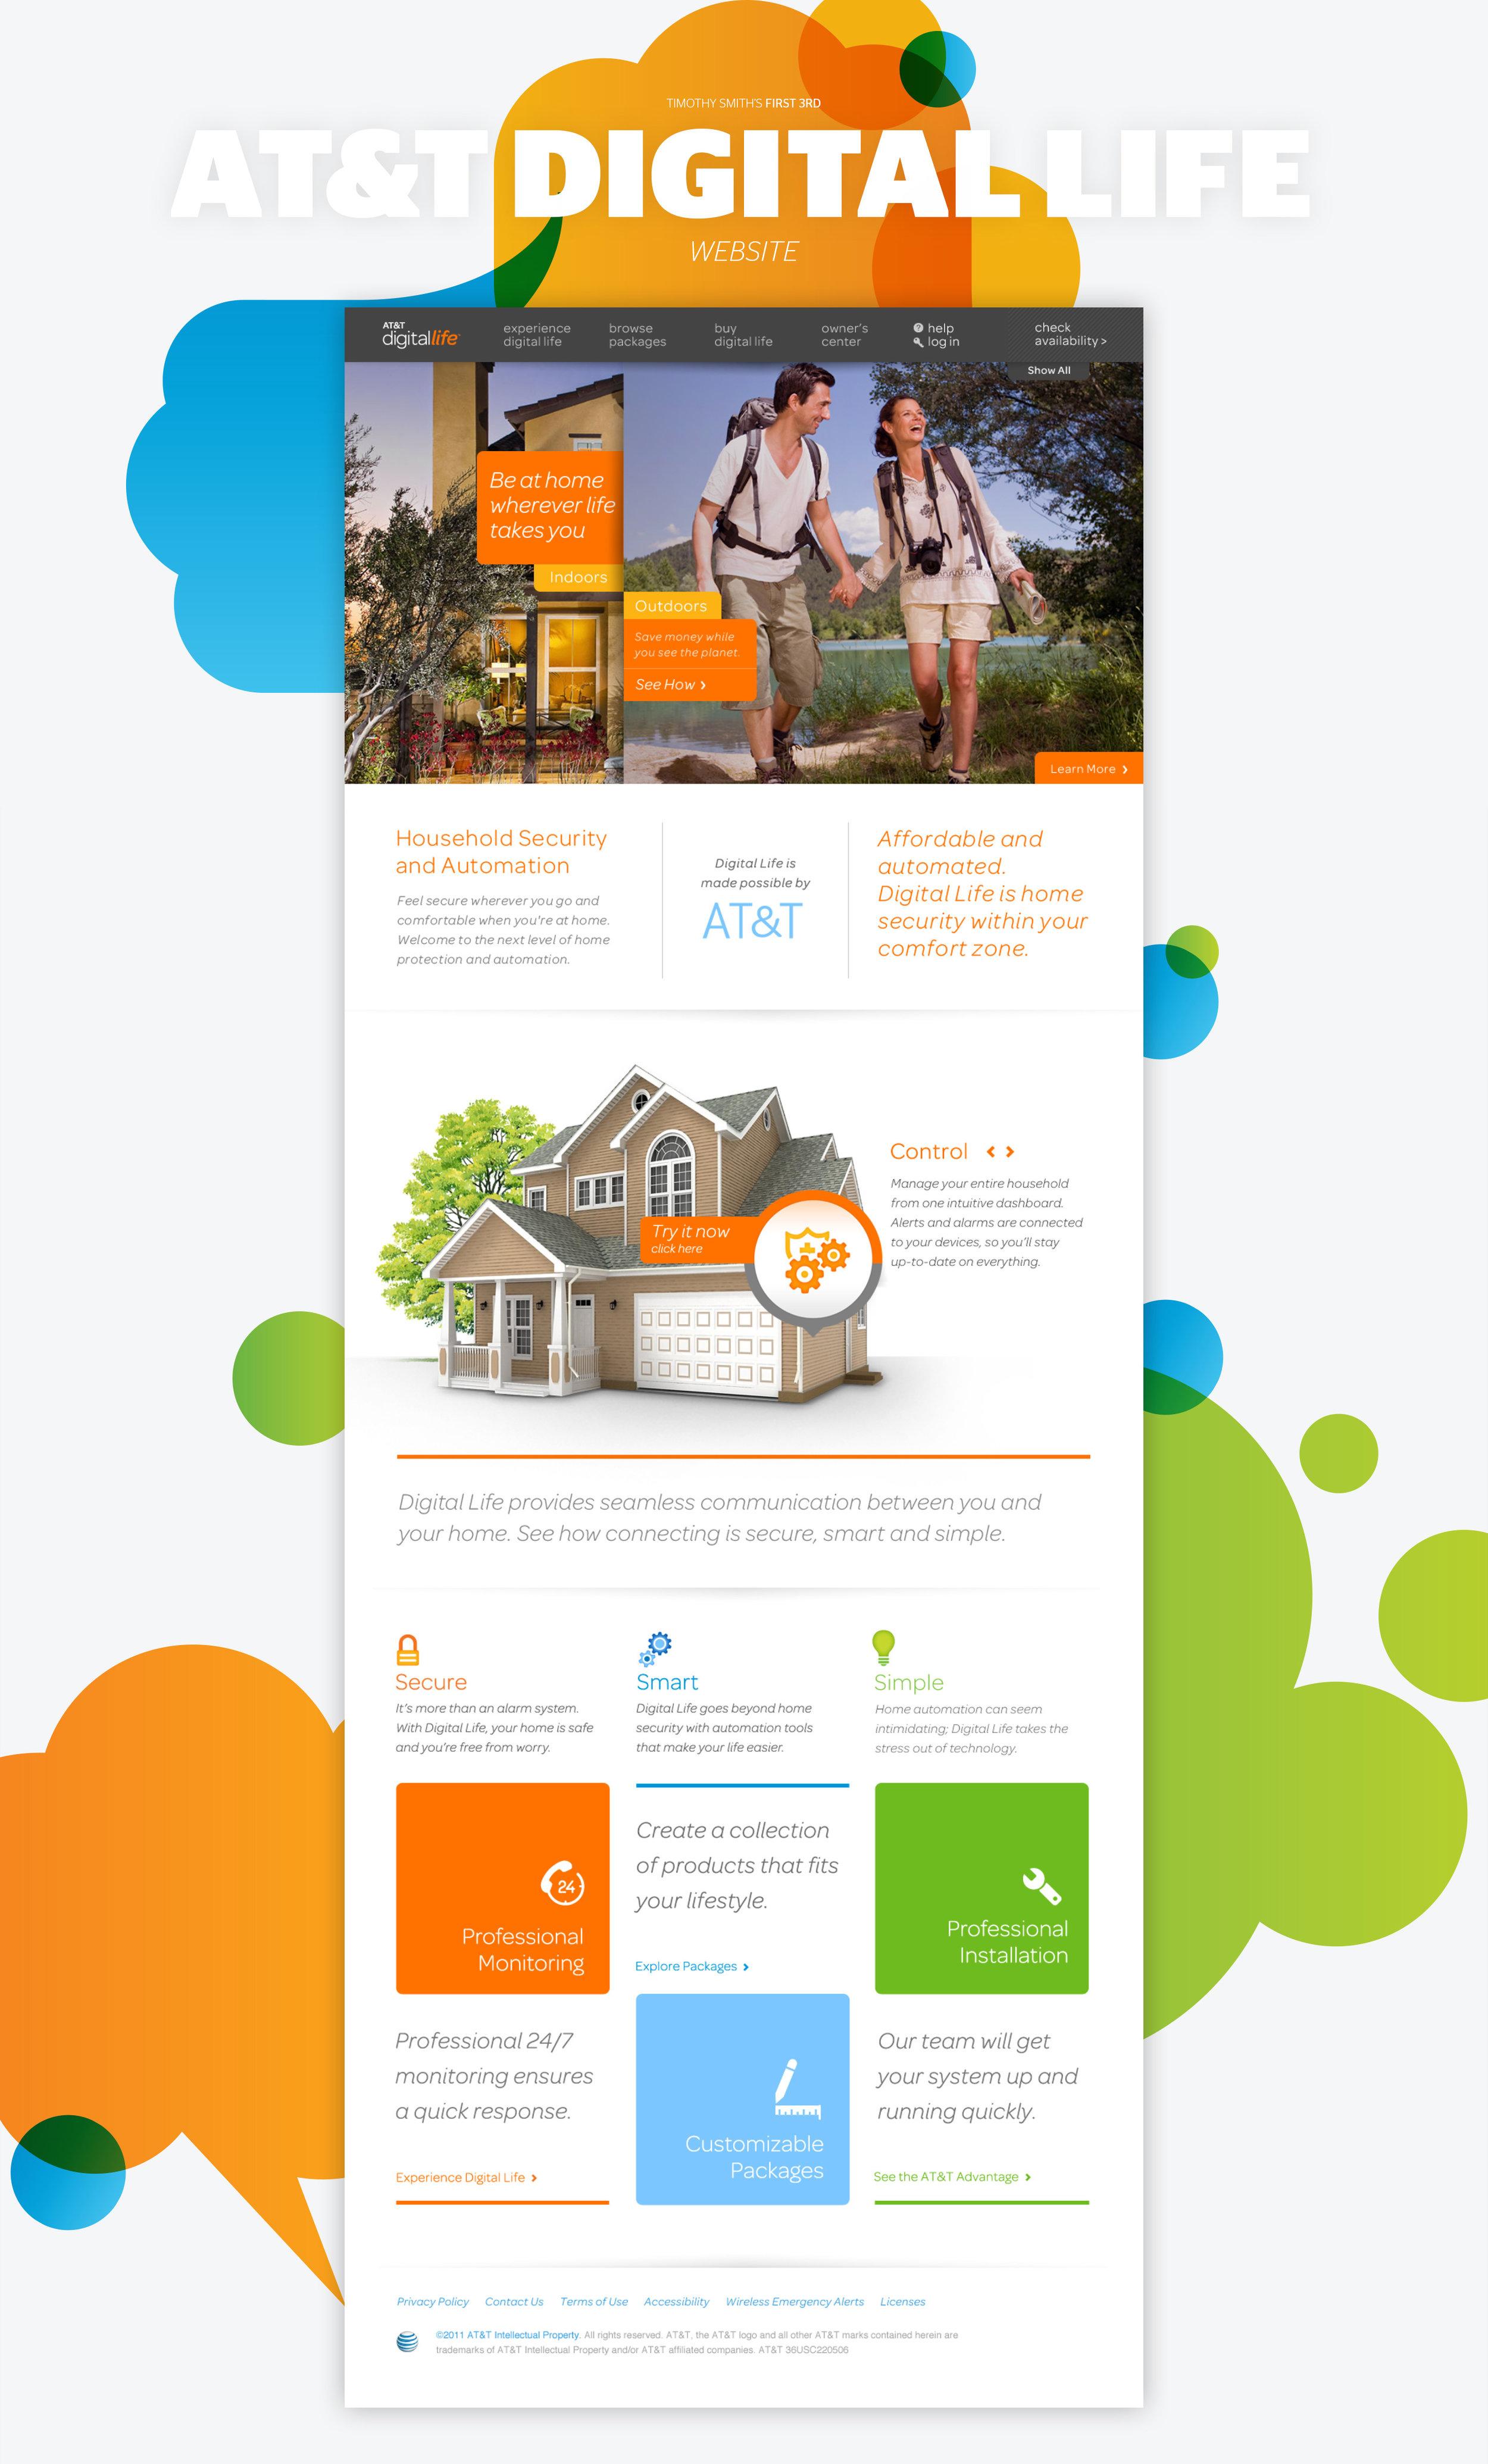 DL_Homepage_Screen01.jpg